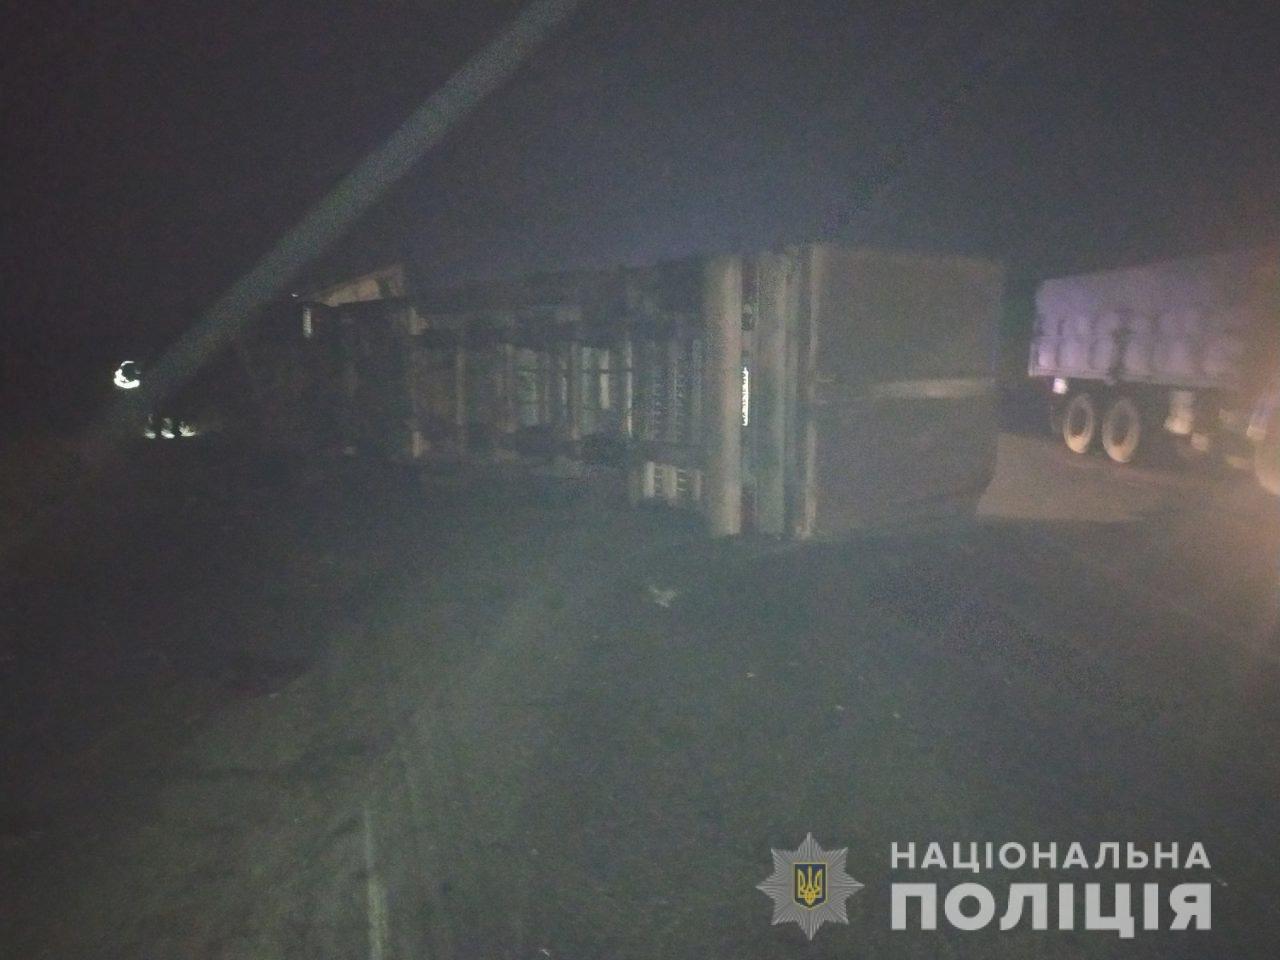 На трассе под Николаевом столкнулись грузовик и легковушка - есть погибший, фото-1